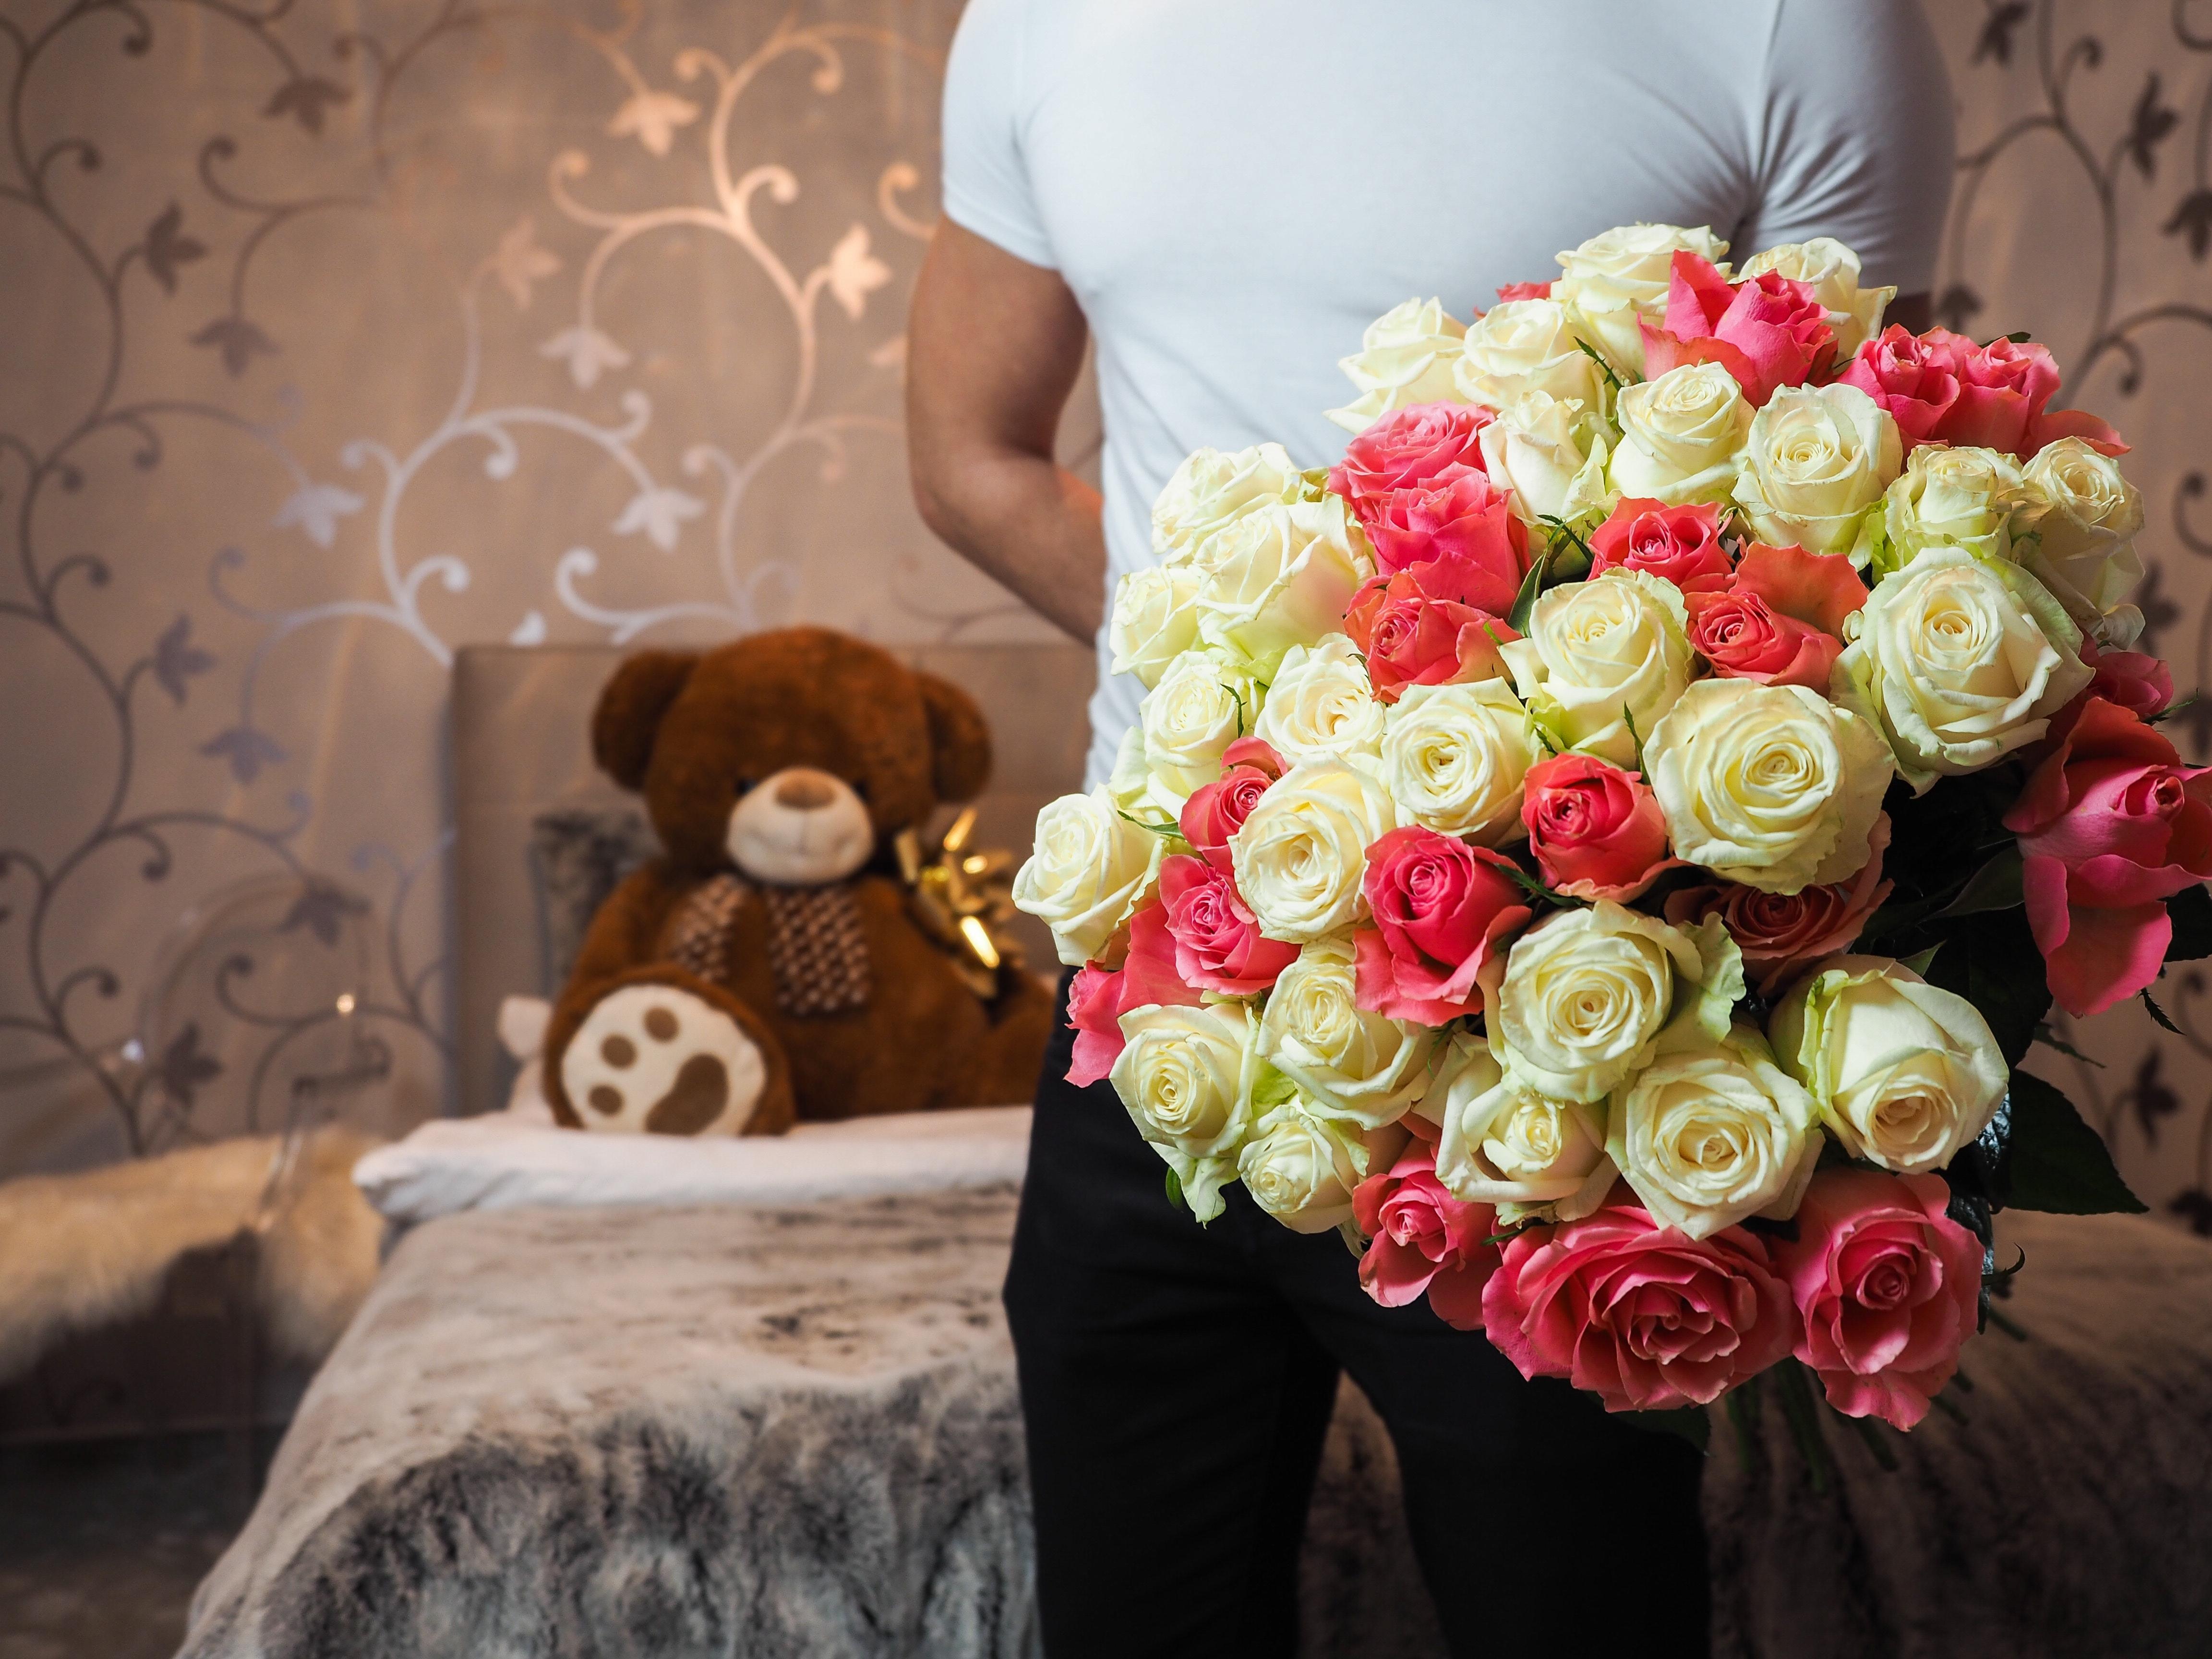 15 ideas de cumpleaños de novia para sorprender al amor de tu vida